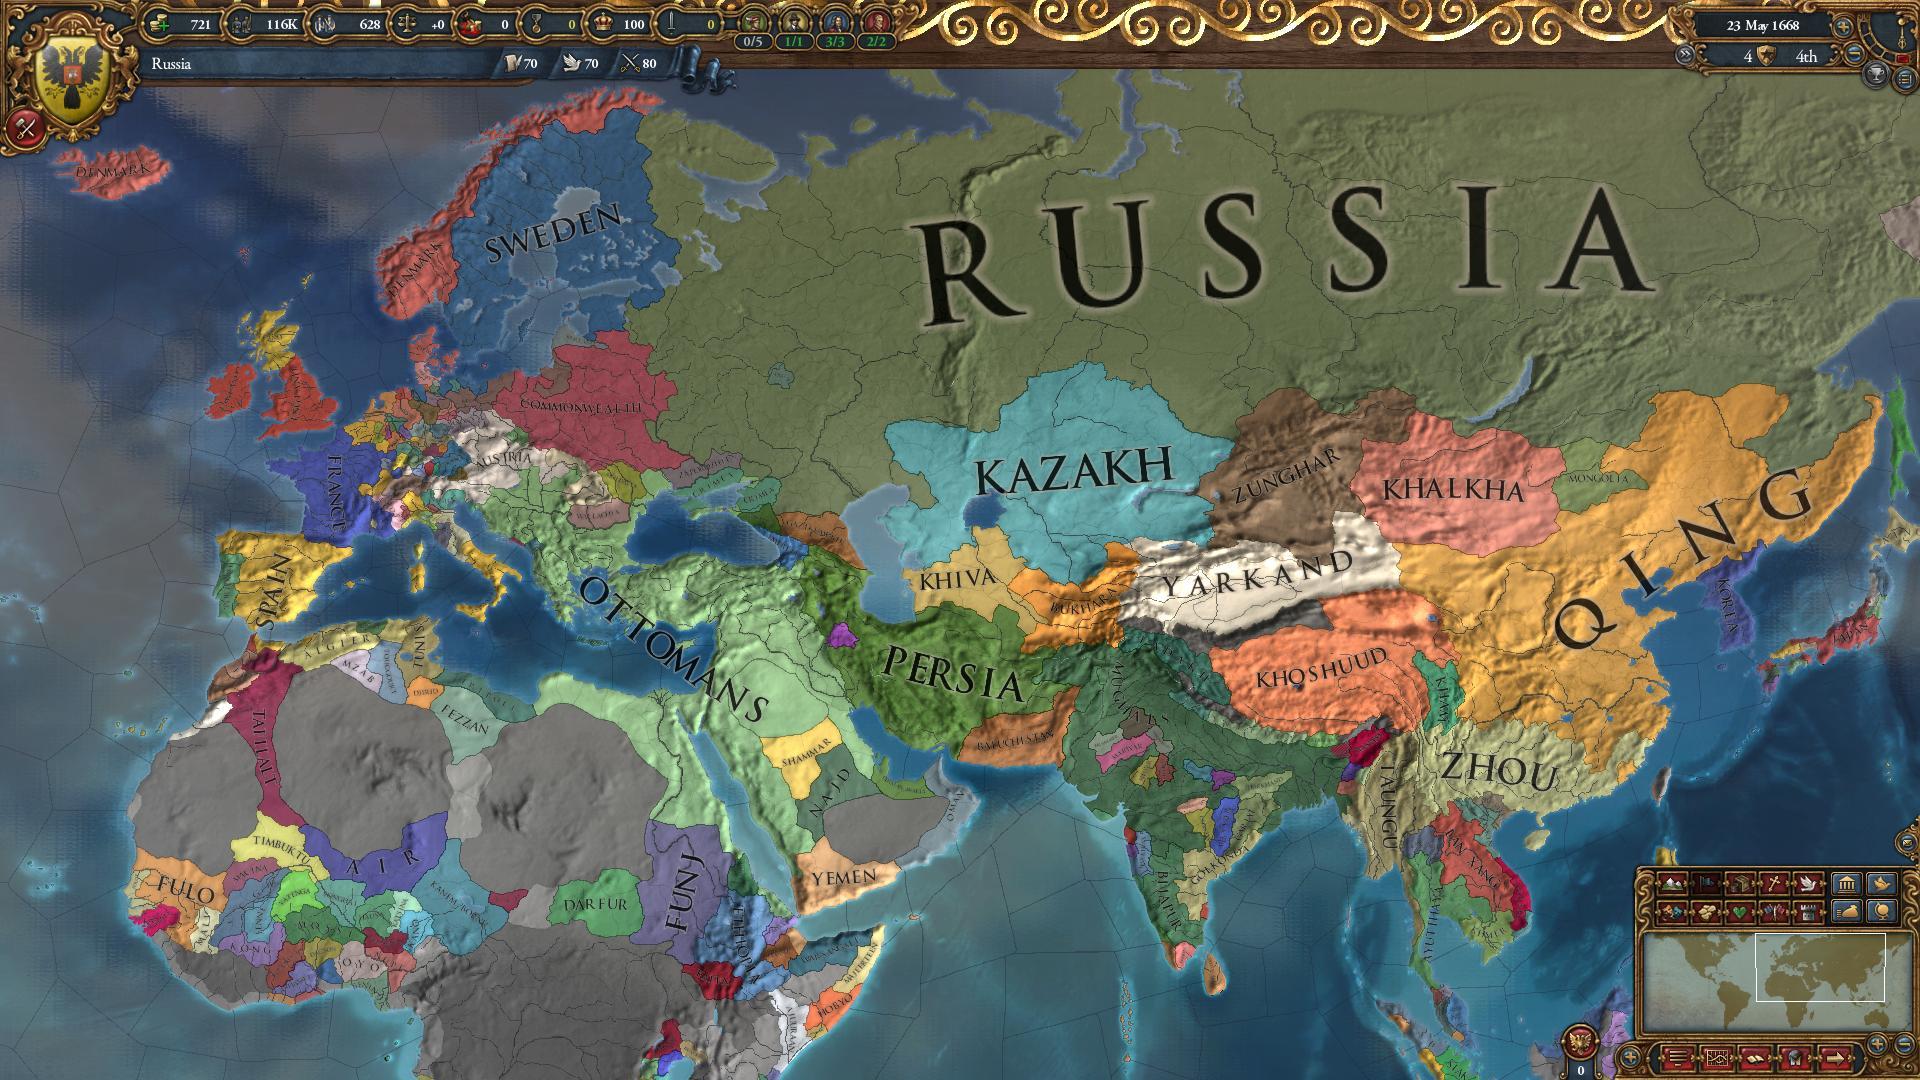 Europa Universalis IV game image